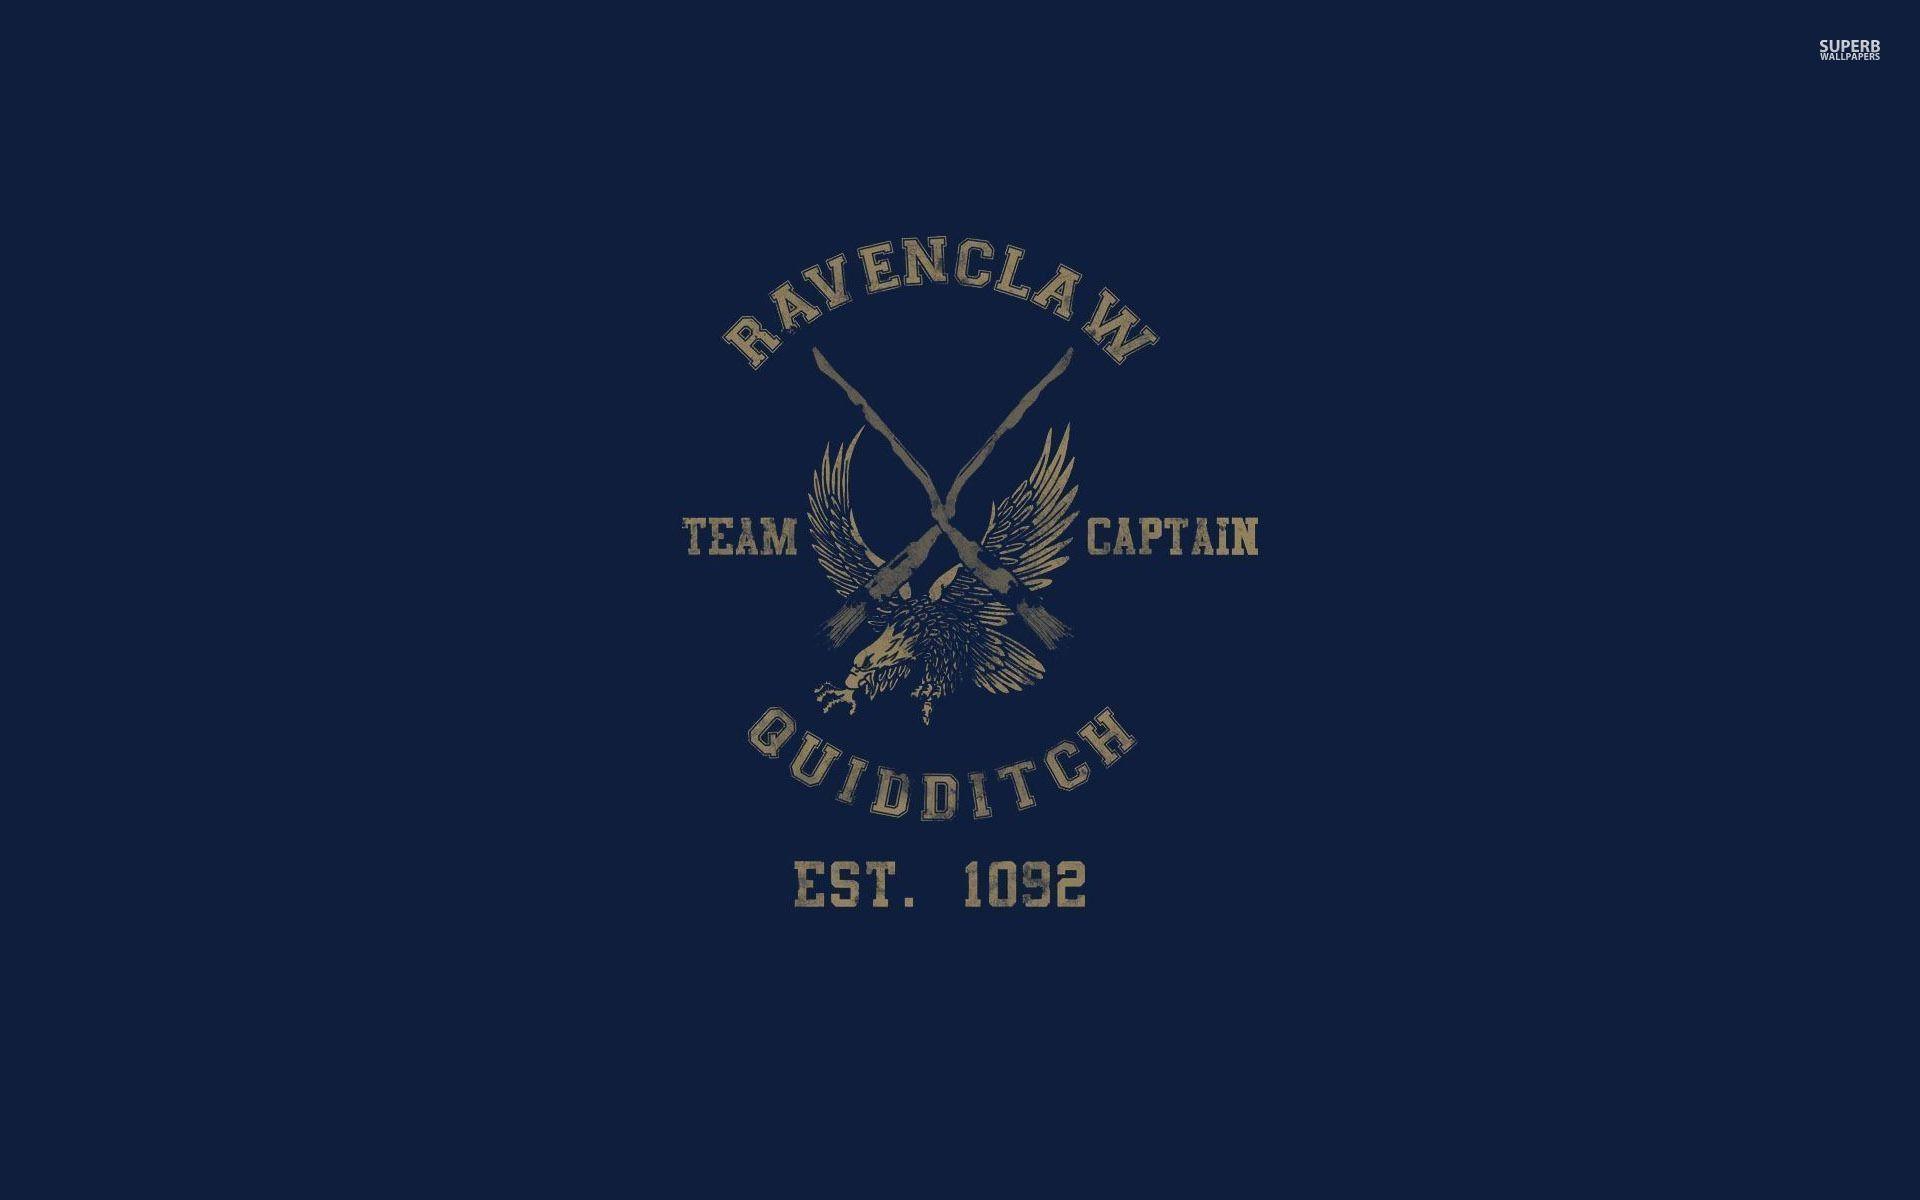 Ravenclaw Desktop Wallpaper 62 Images